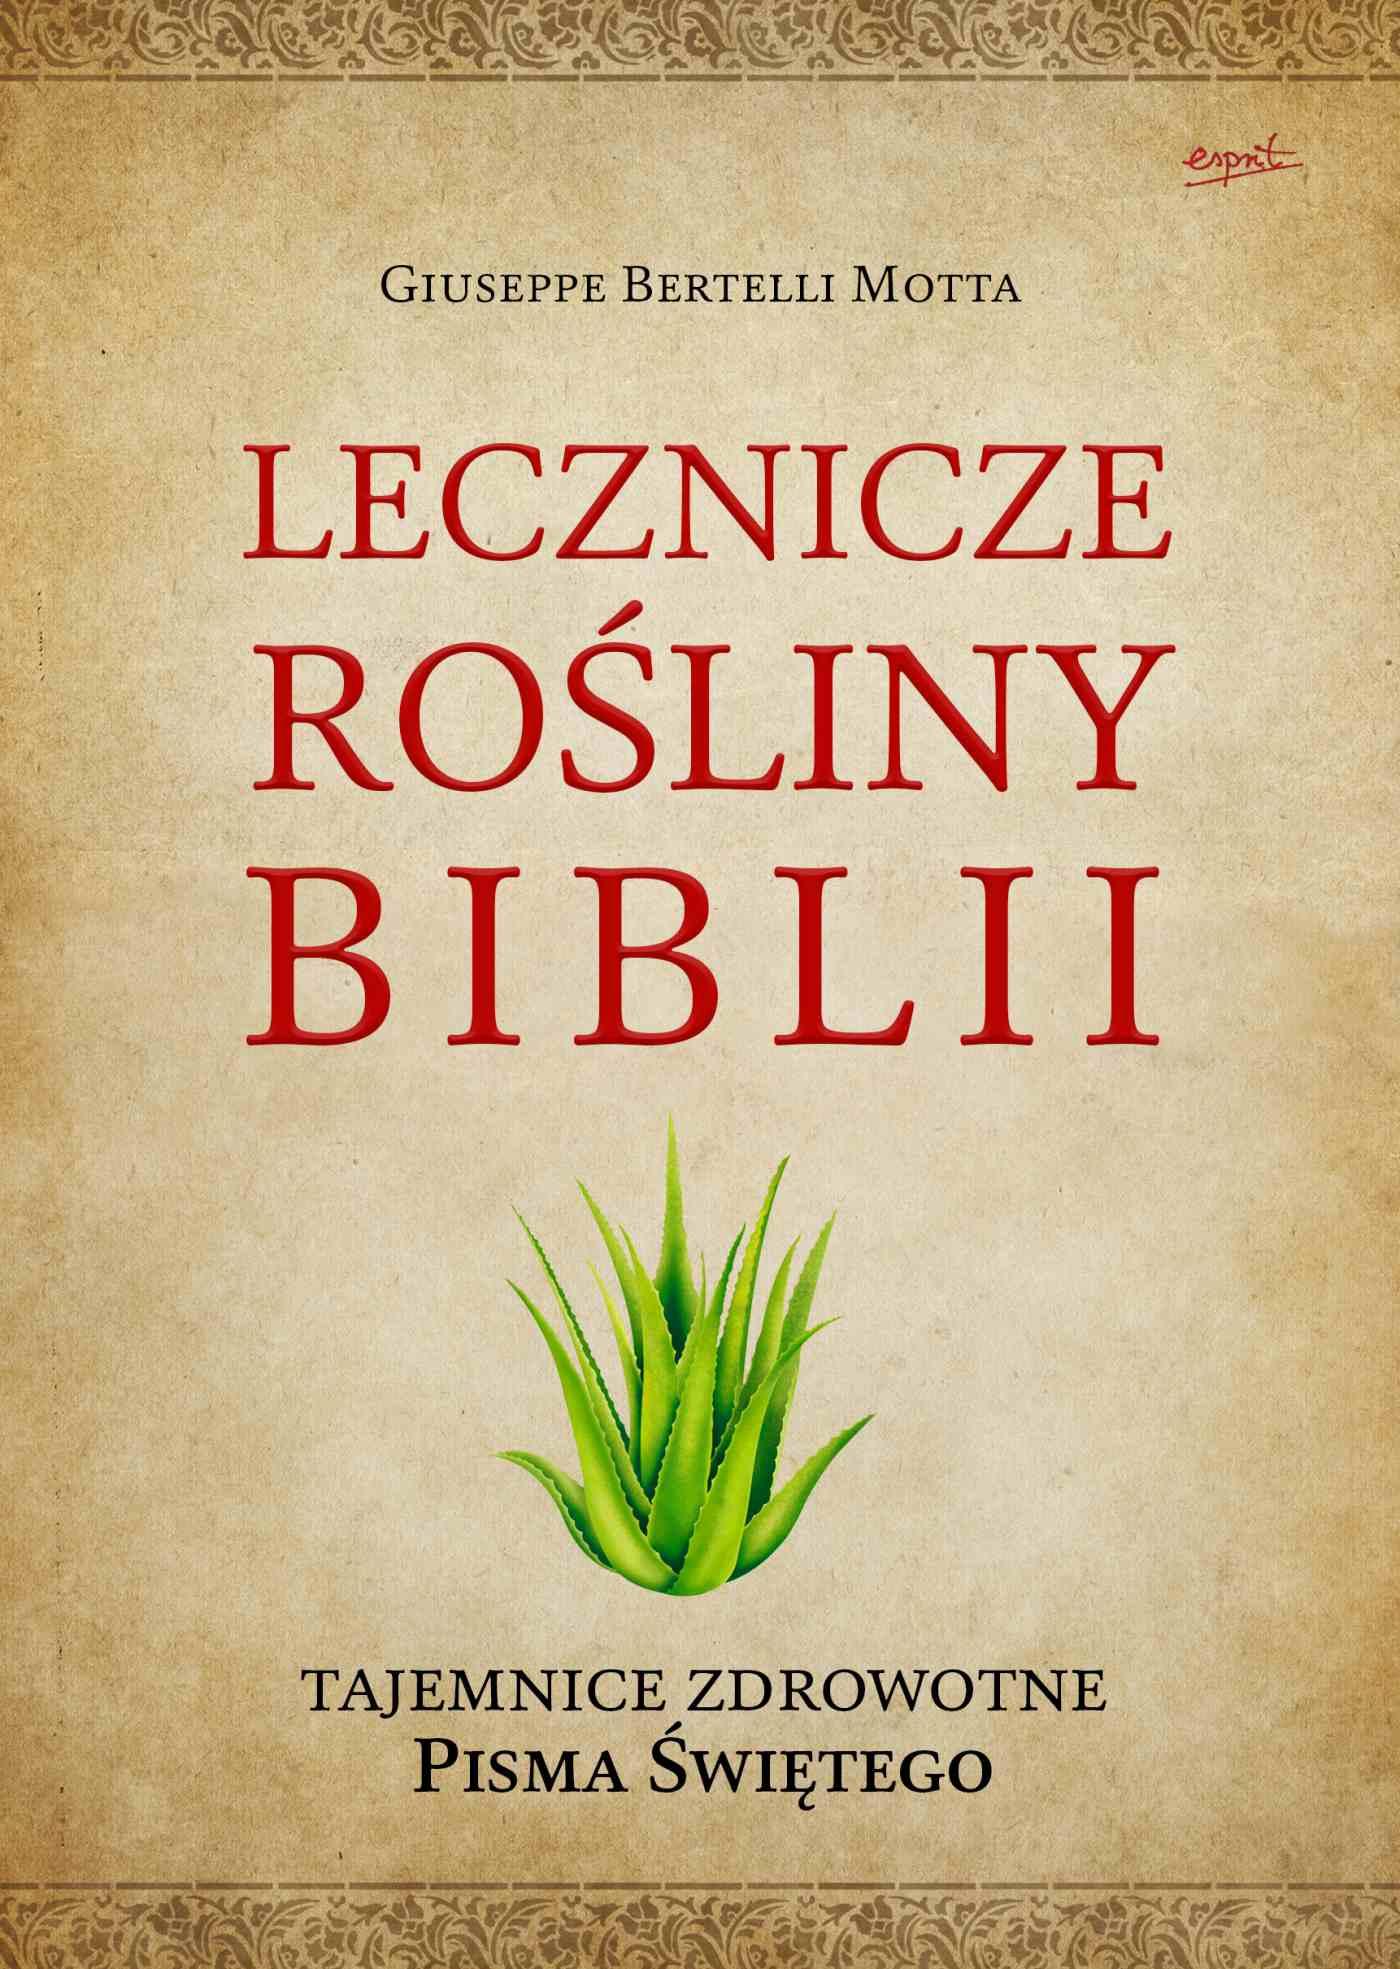 Lecznicze rośliny Biblii. Tajemnice zdrowotne Pisma Świętego - Ebook (Książka na Kindle) do pobrania w formacie MOBI